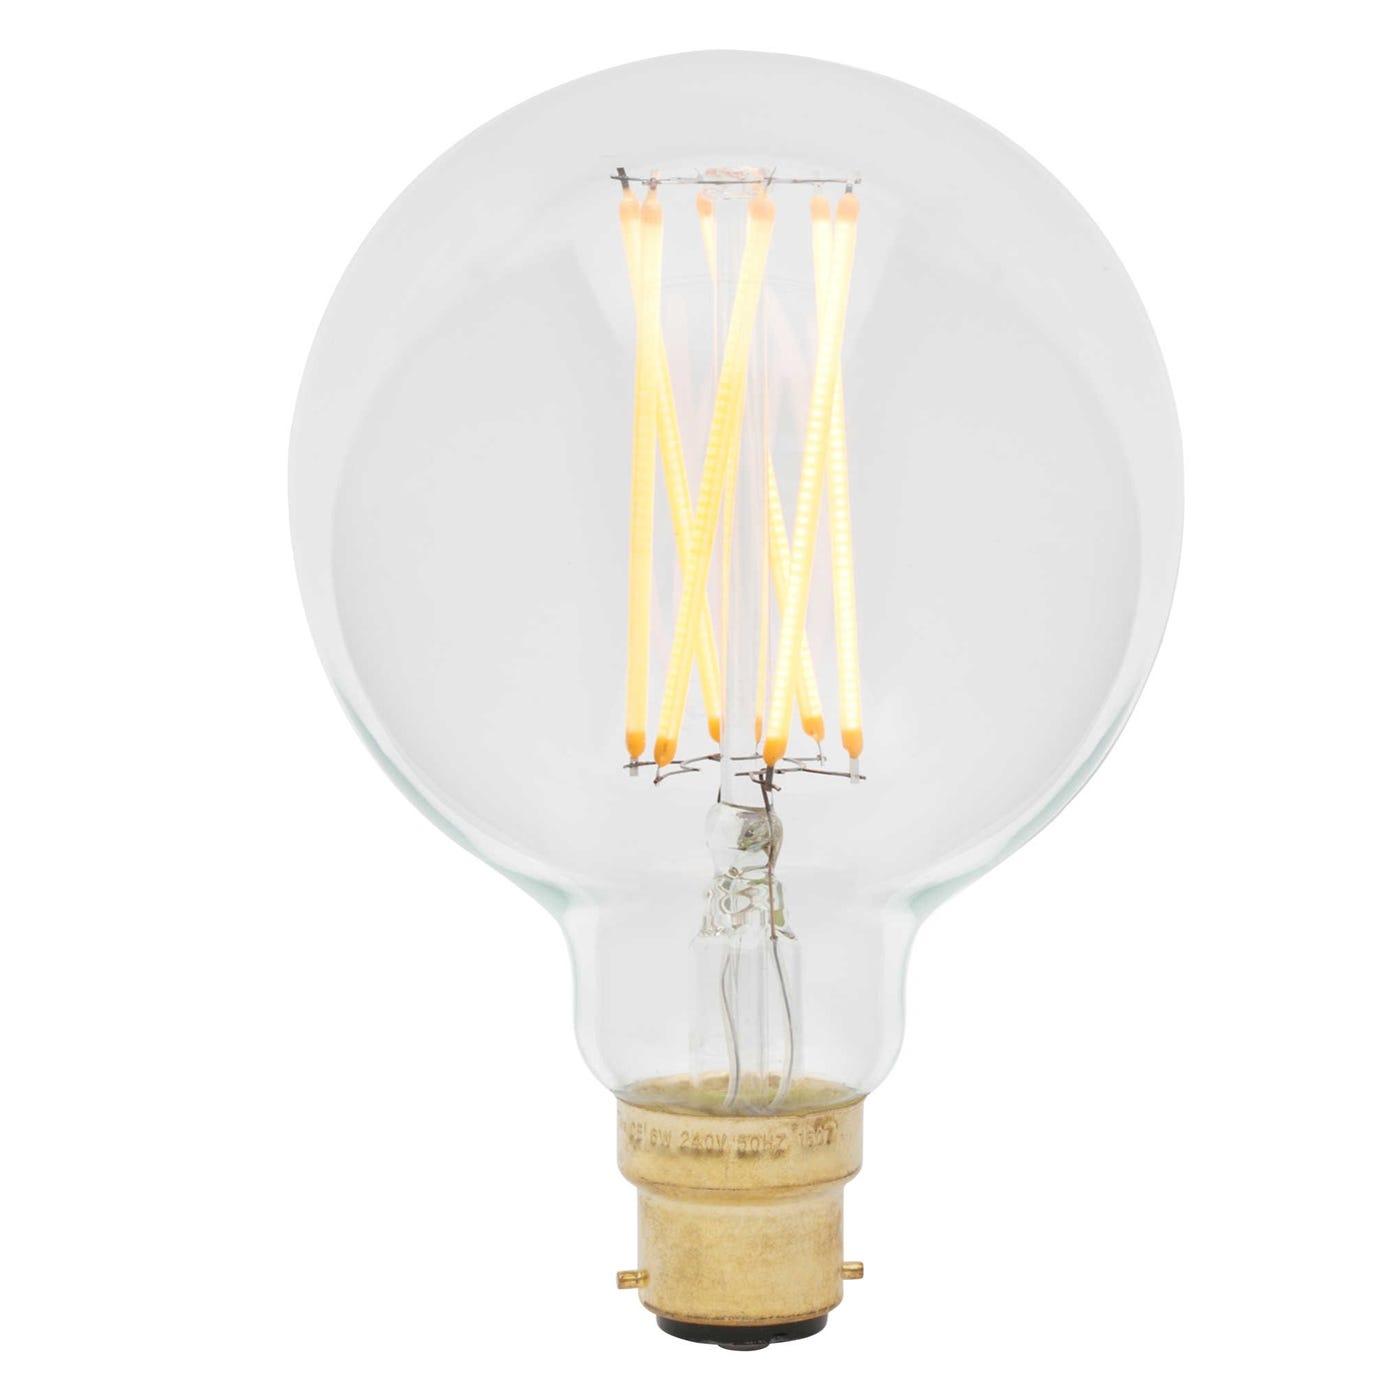 Elva Bulb 6W B22 LED